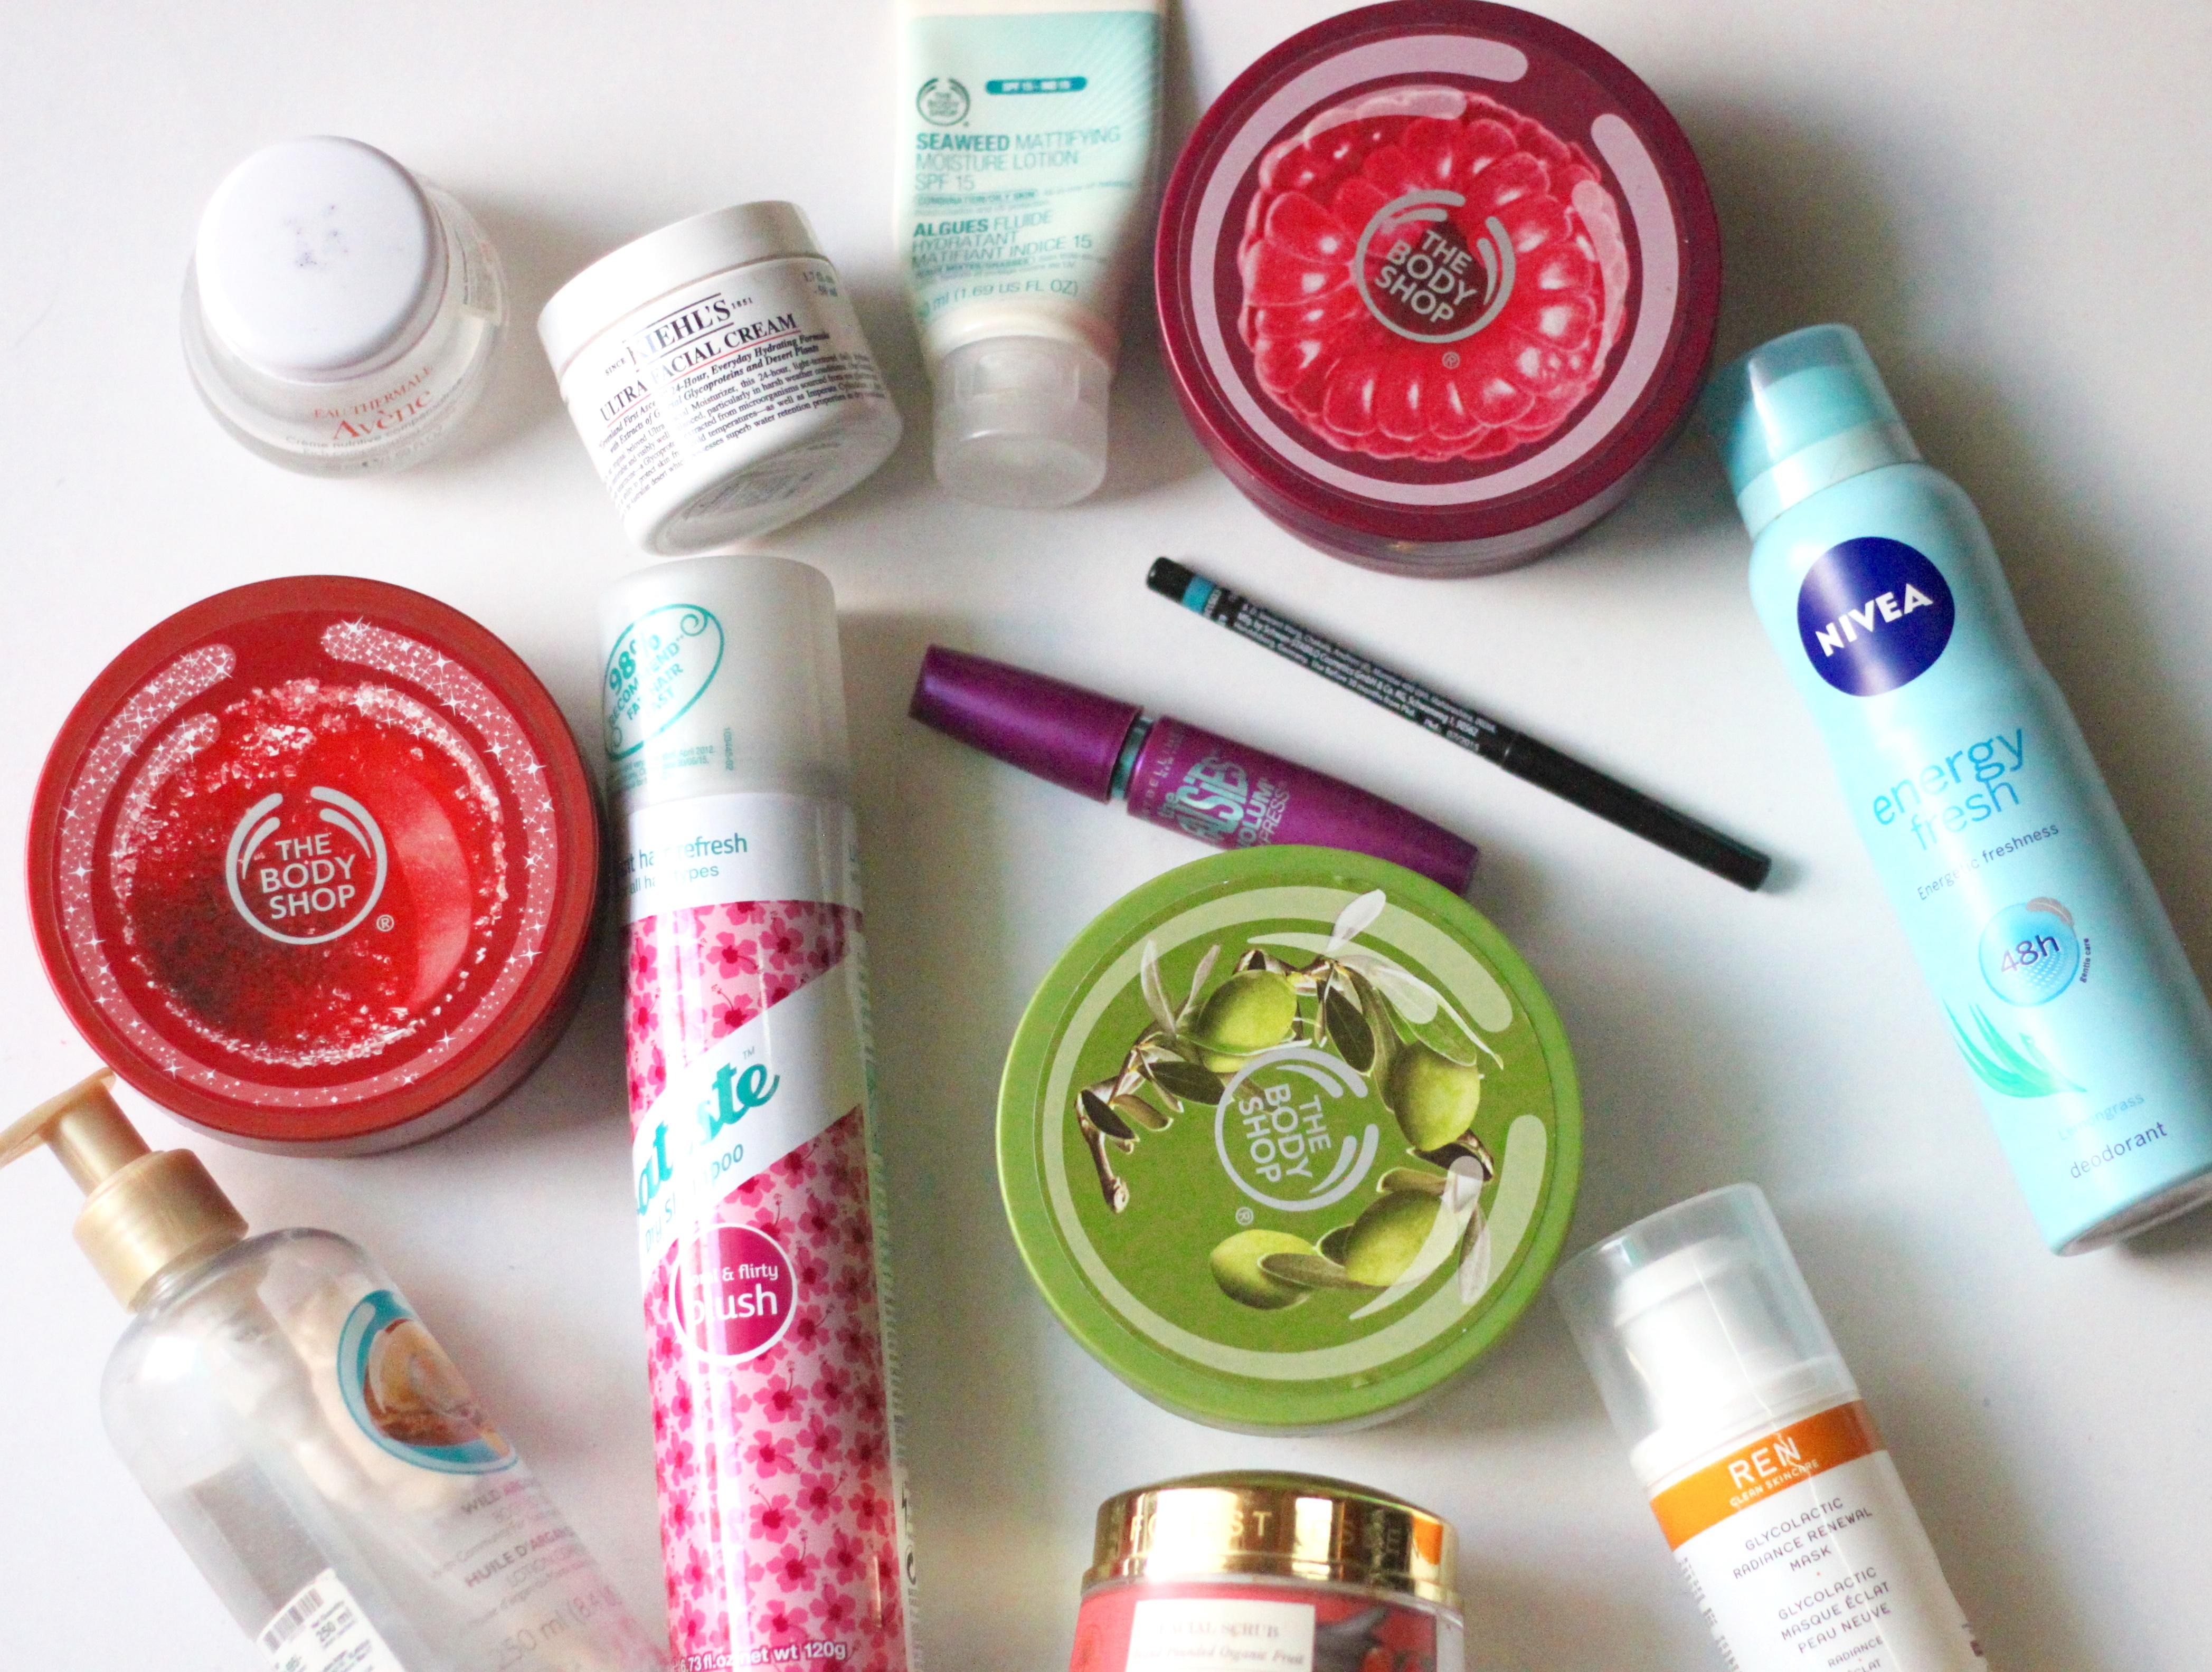 empties, empty products, empties makeup, empties skincare,